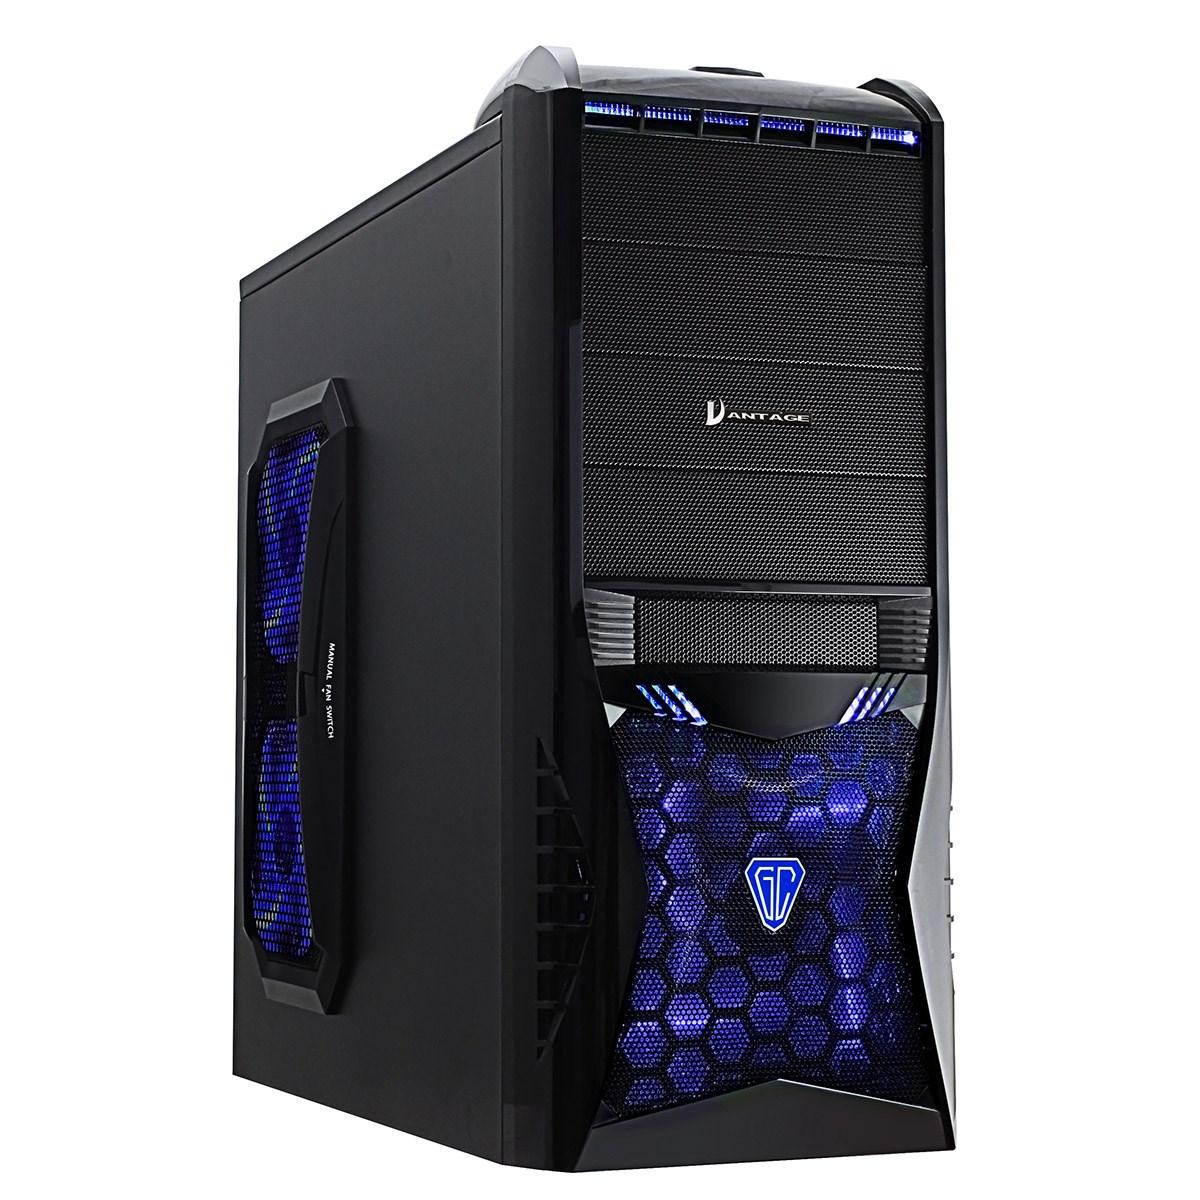 Cit Vantage Midi Tower Gaming Case - Black